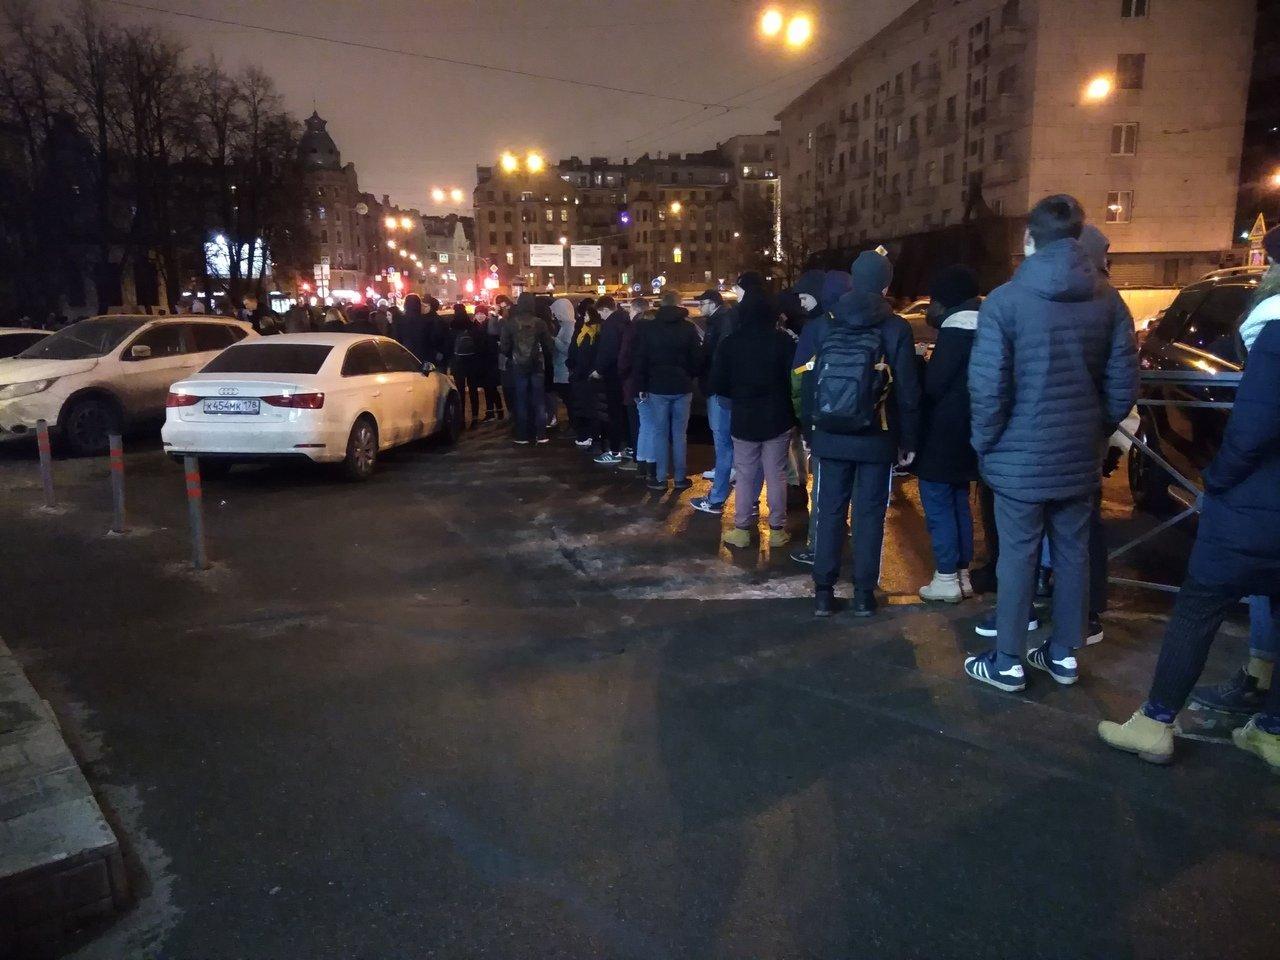 Возле клуба, где пройдет концерт Хаски в Петербурге, собралась очередь